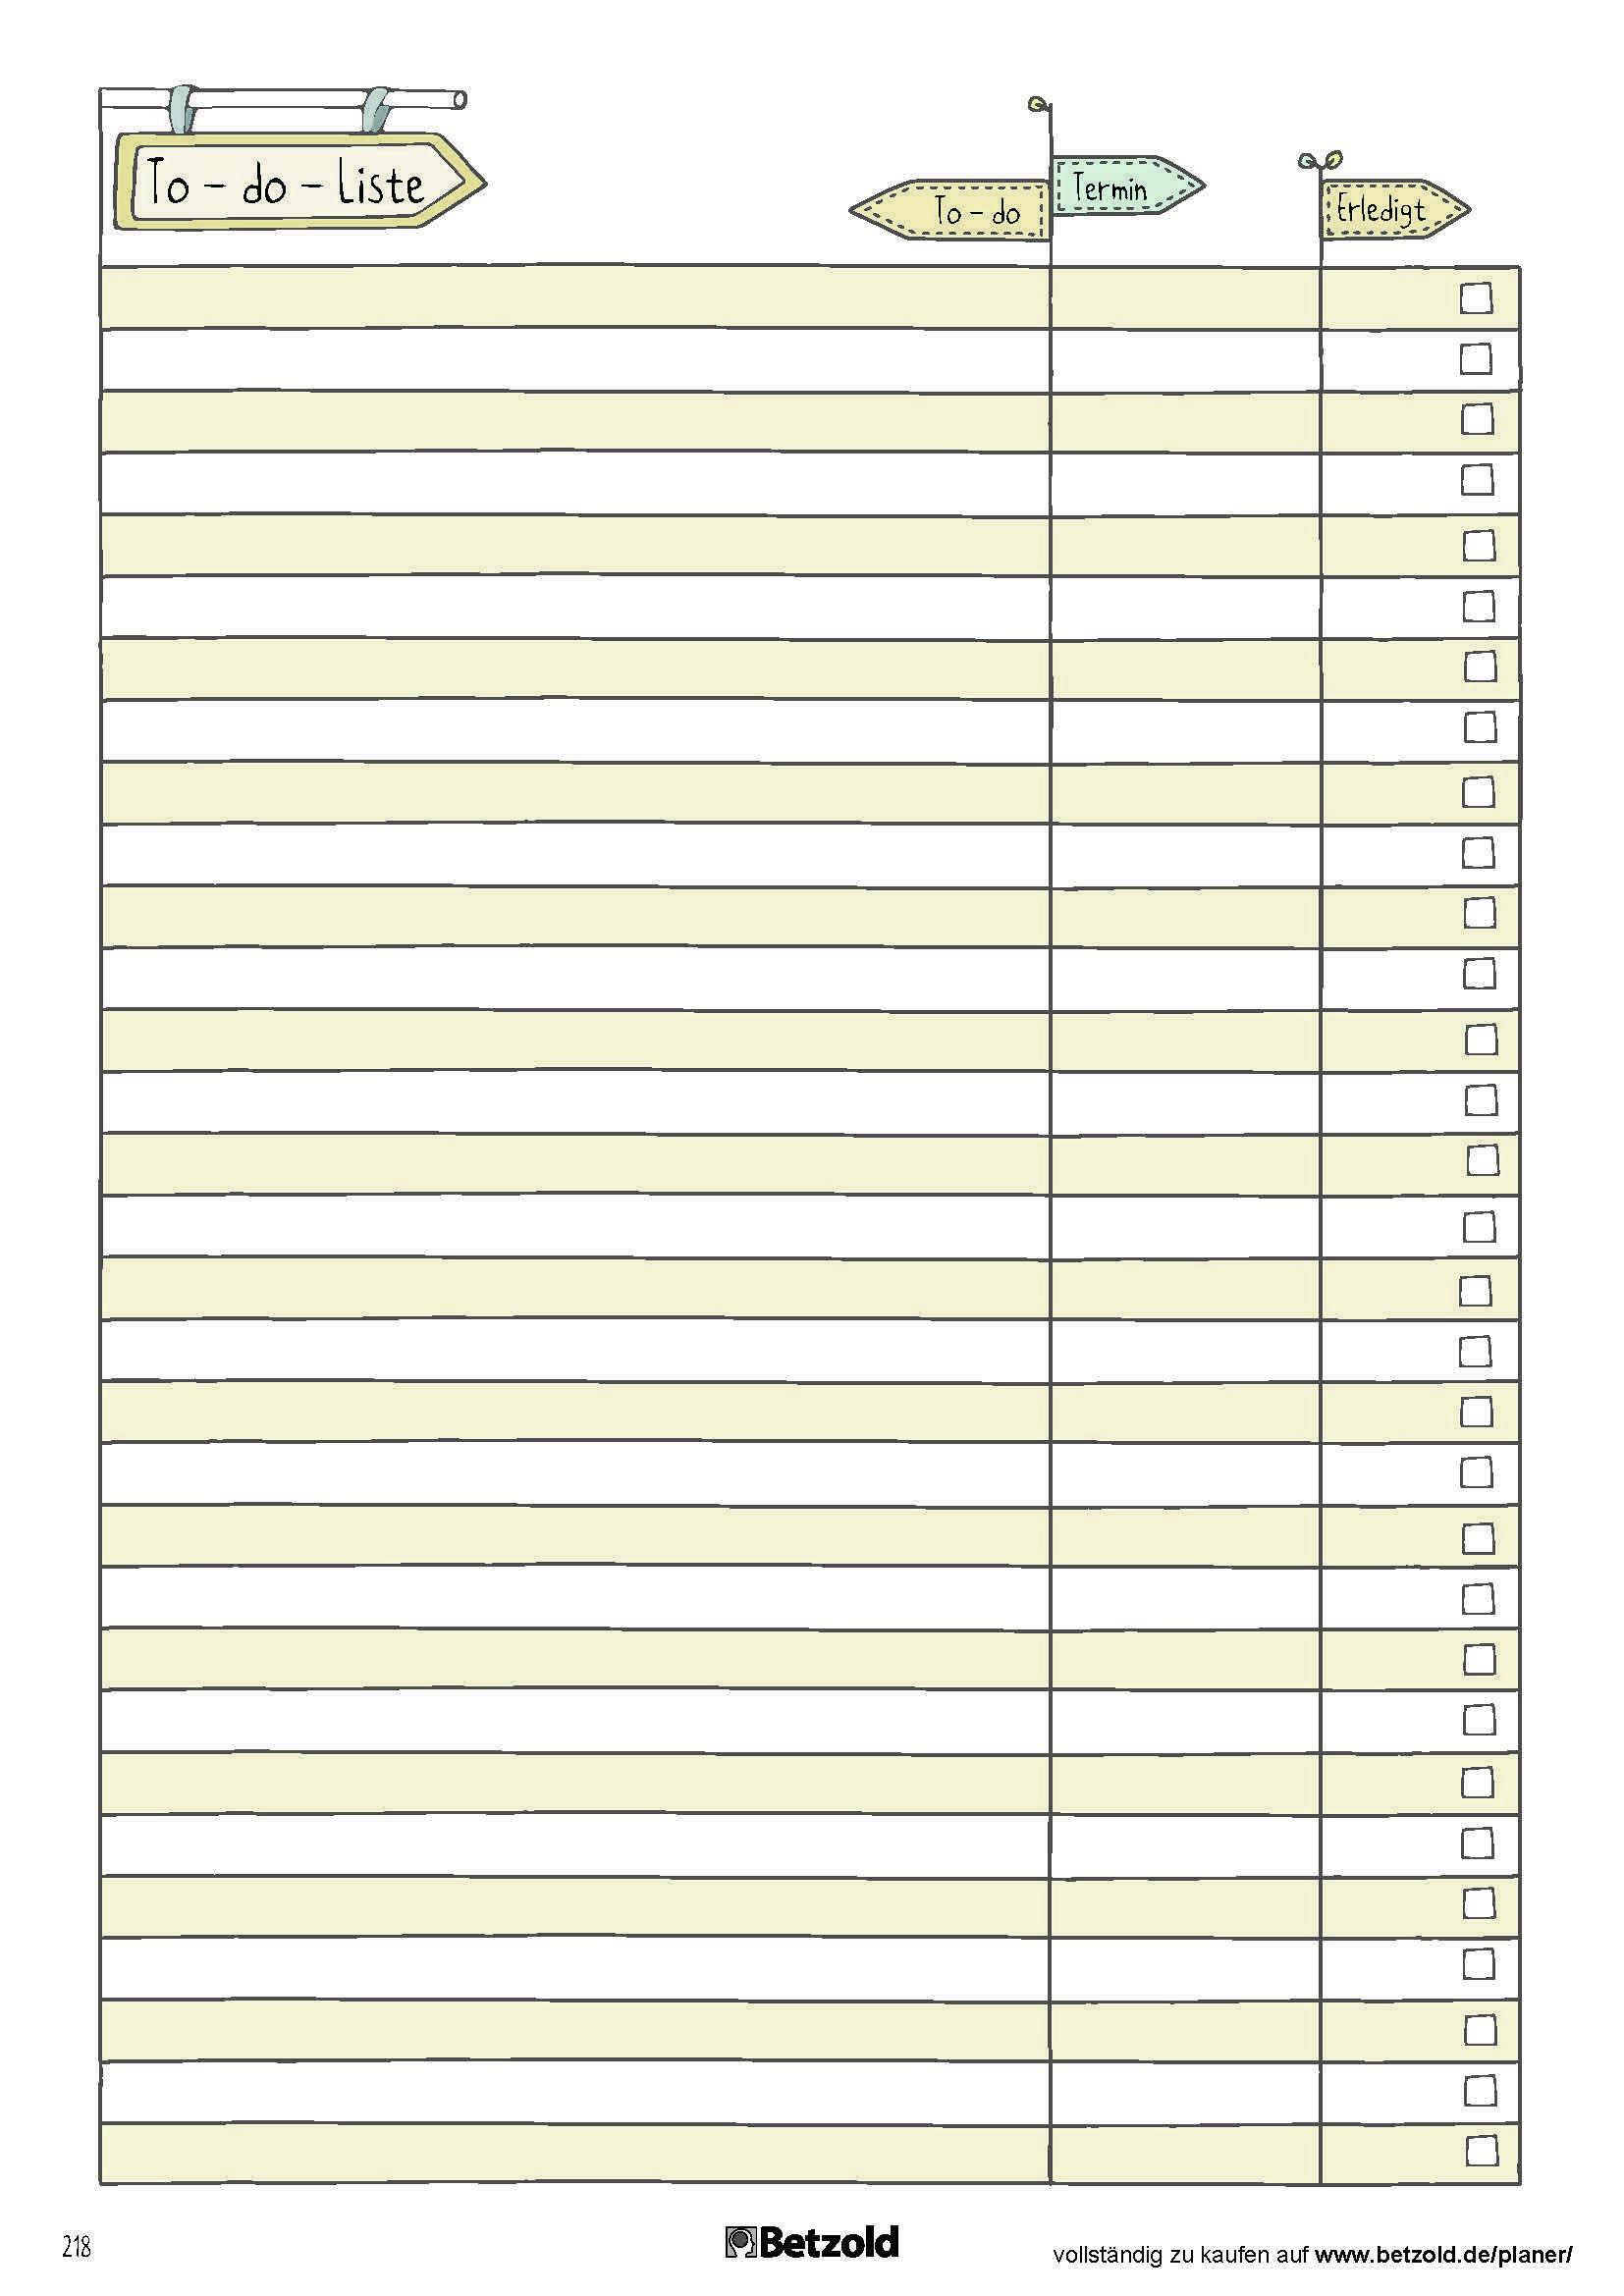 To Do Liste Praktische Vorlage Zum Ausdrucken Aus Dem Betzold